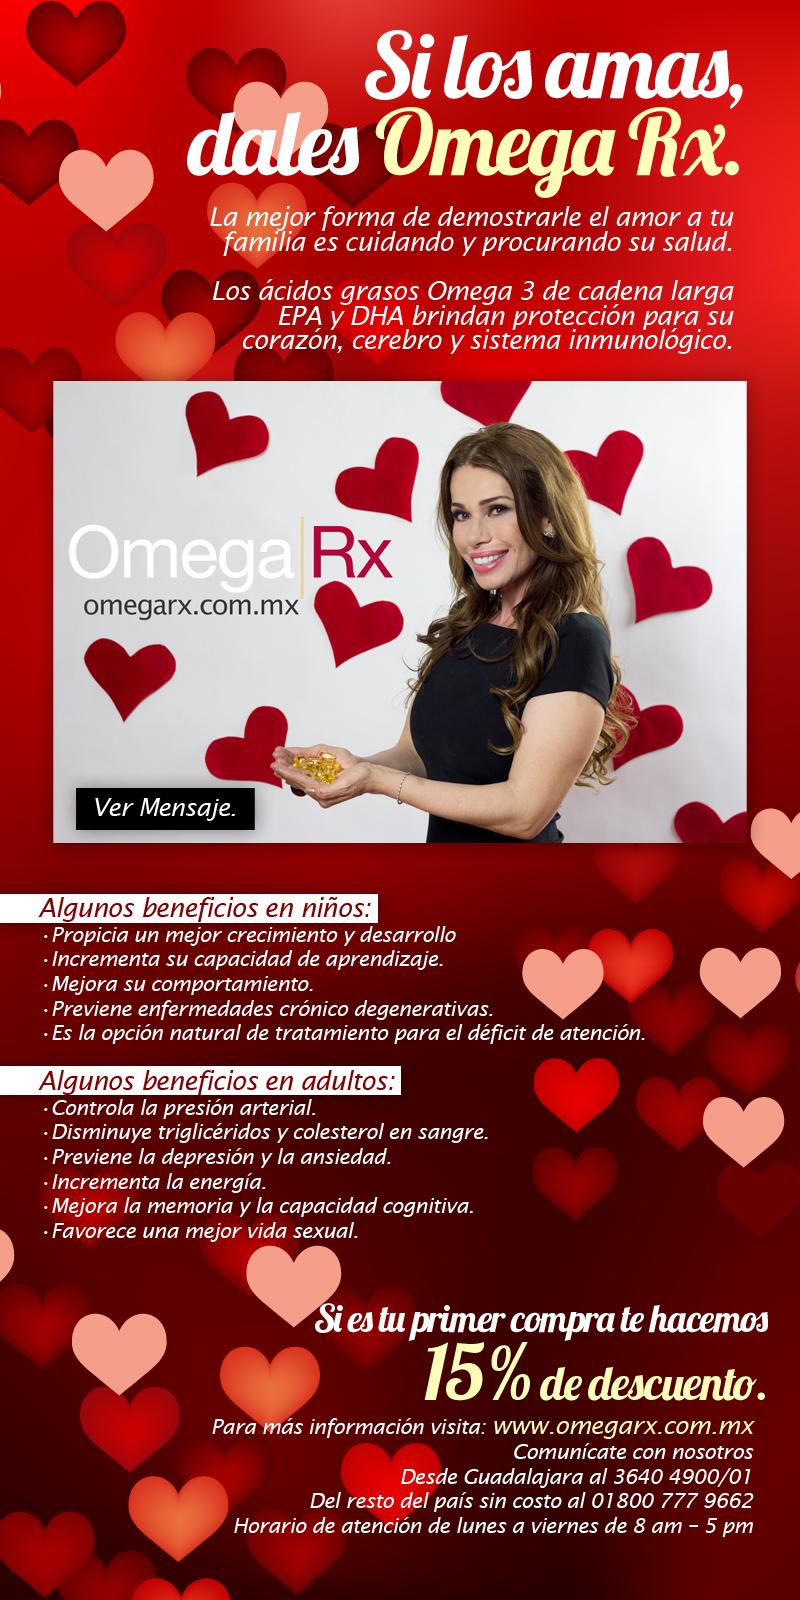 bd3678d25e8 Si los amas dales Omega Rx. – ZoneDiet México